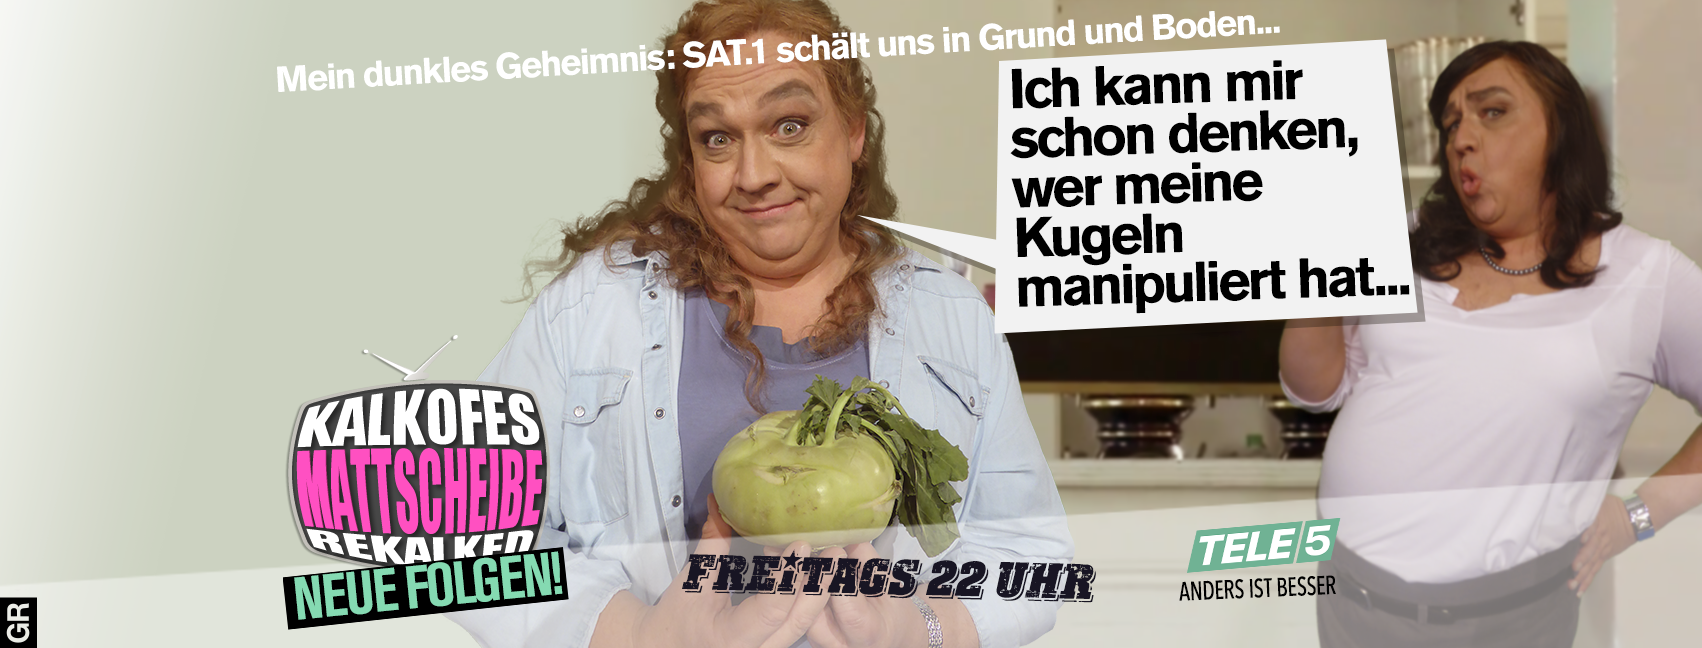 Kalkofes Mattscheibe Reloaded (81)